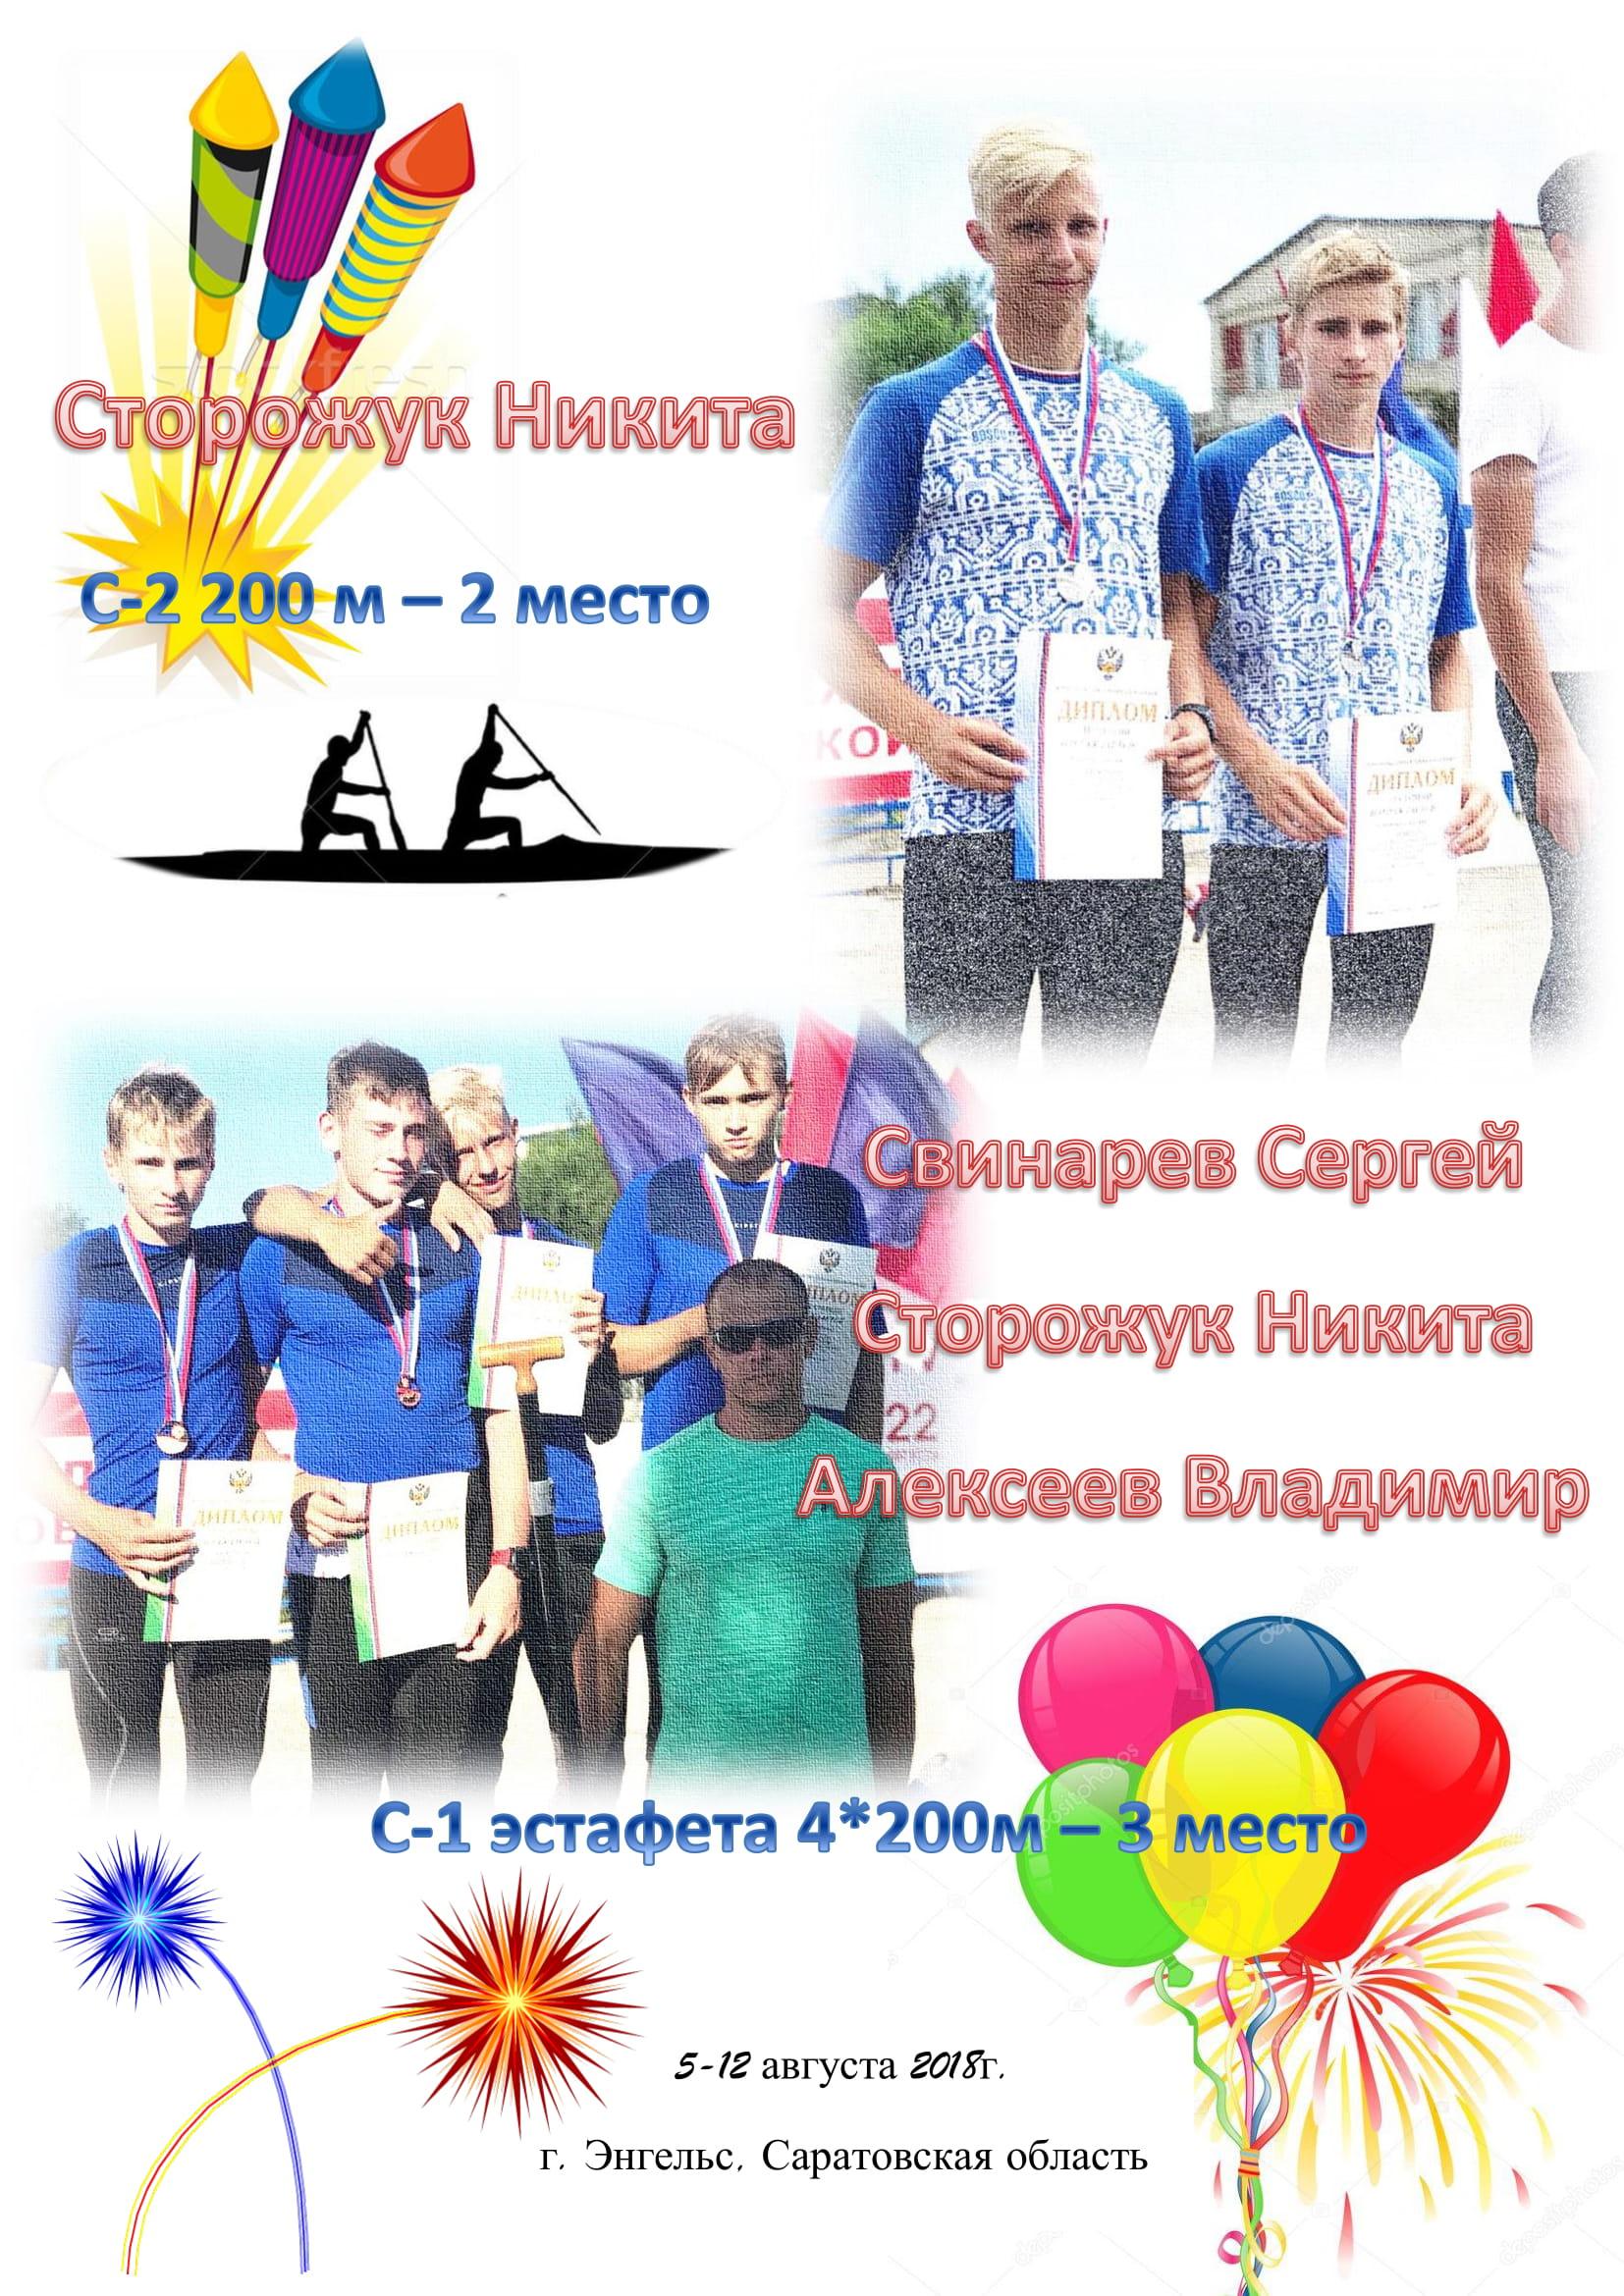 Первеснтво России и Всероссийские до 15 и до 17 лет-2